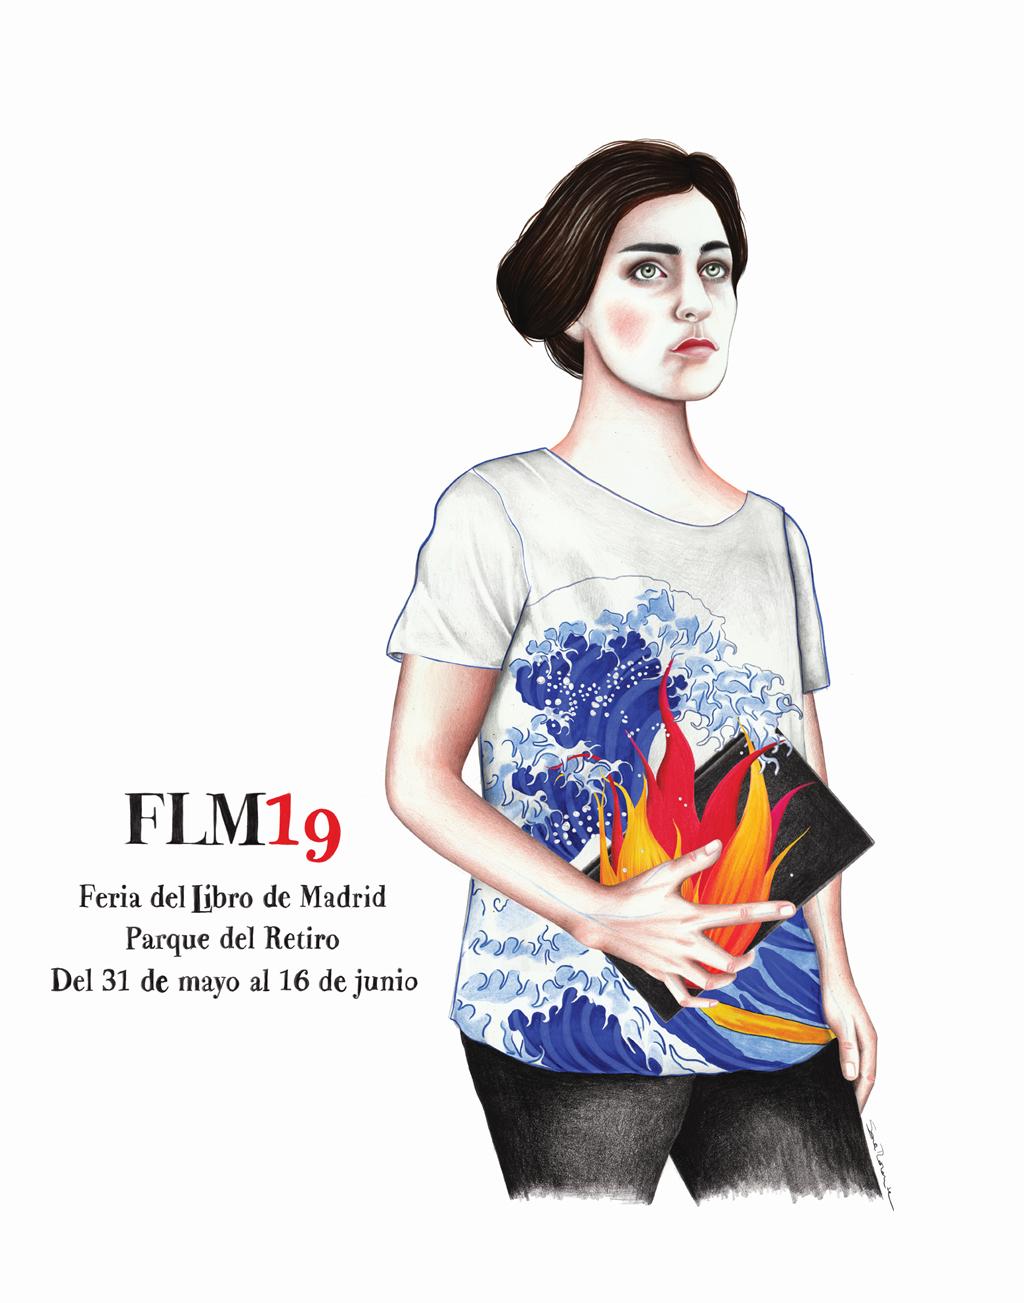 Cartel Feria del Libro de Madrid 2019.